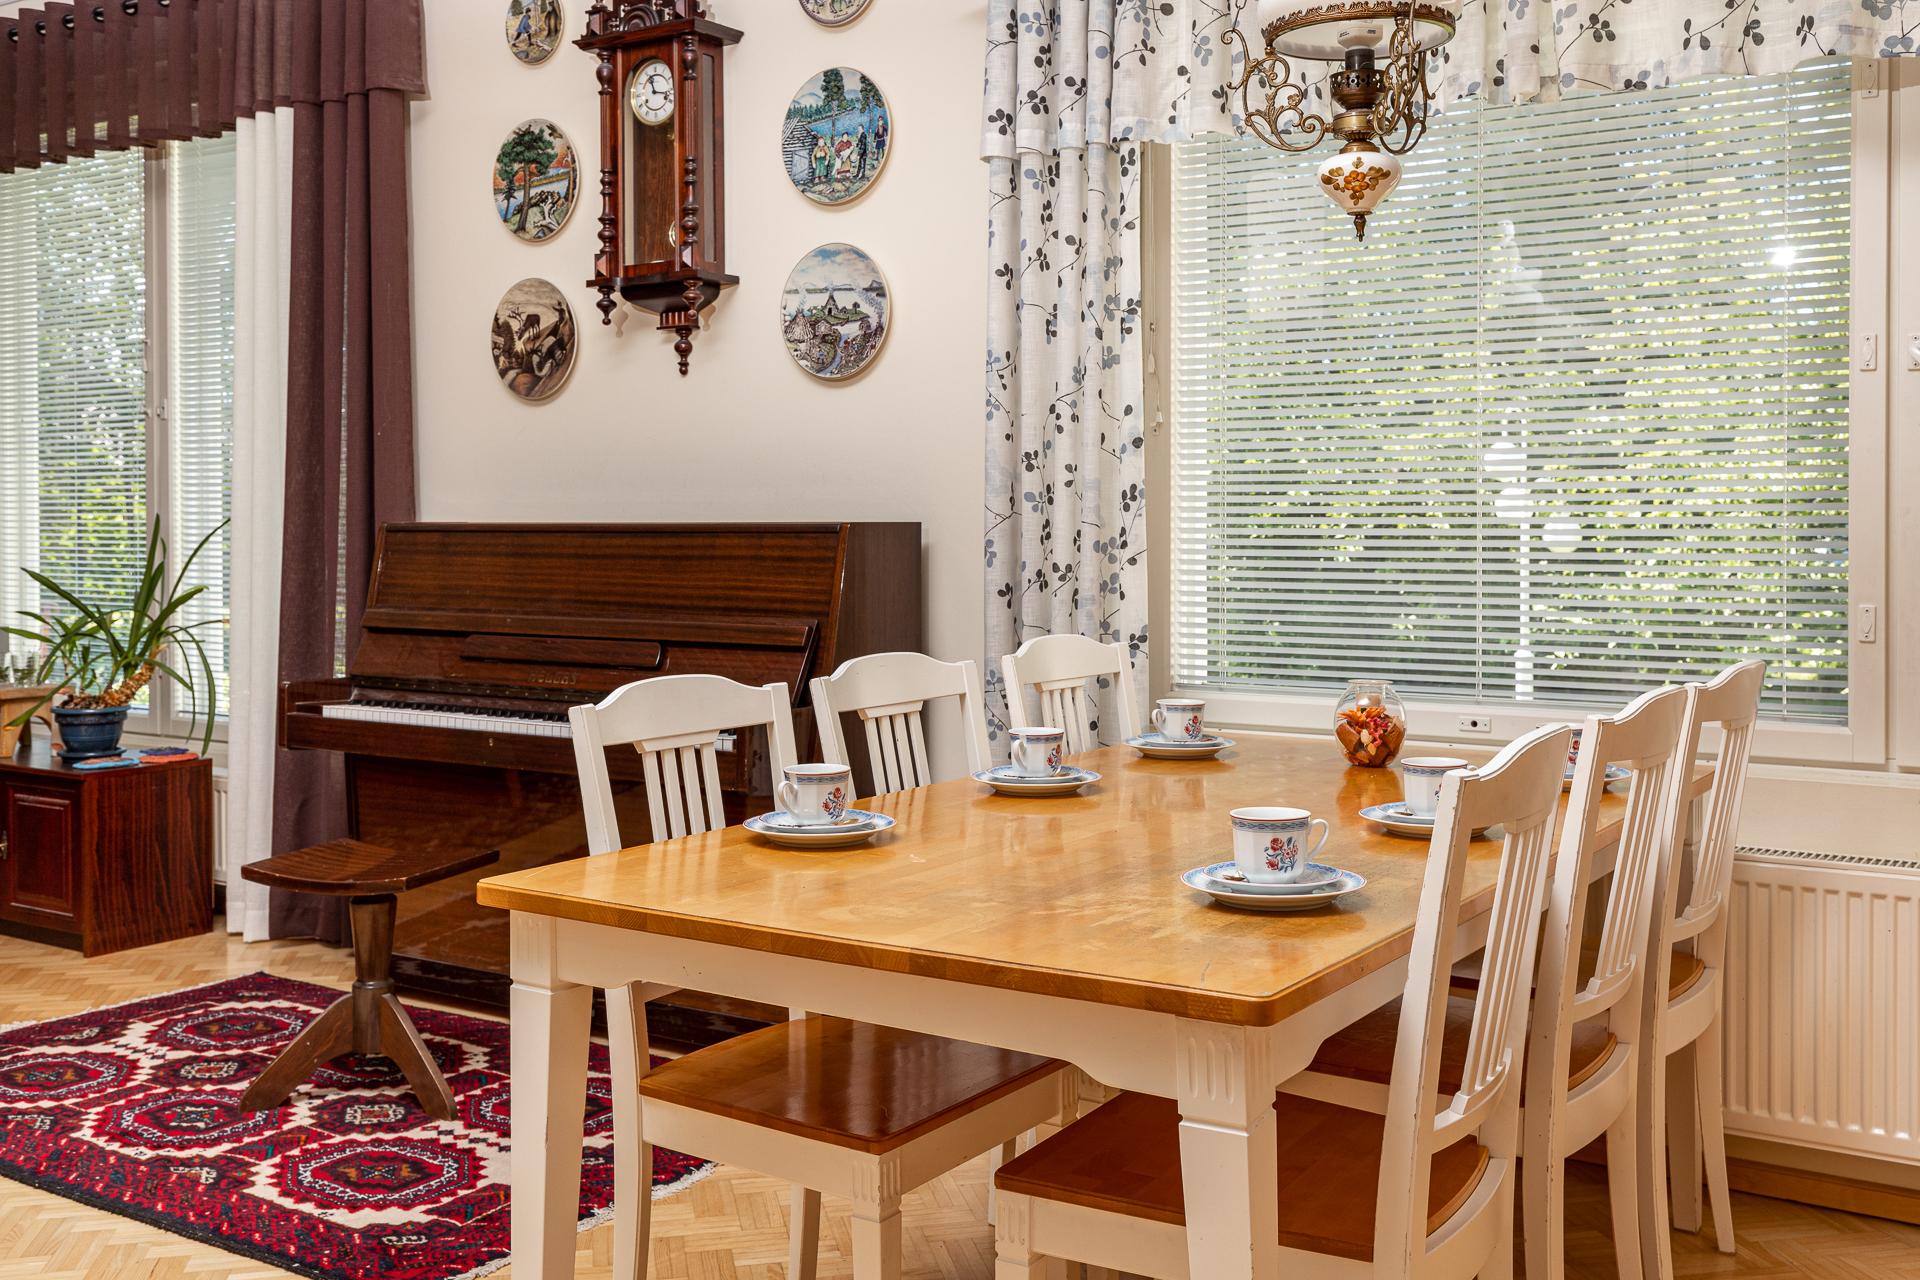 Asuntokuvaus Keittiönpöytä